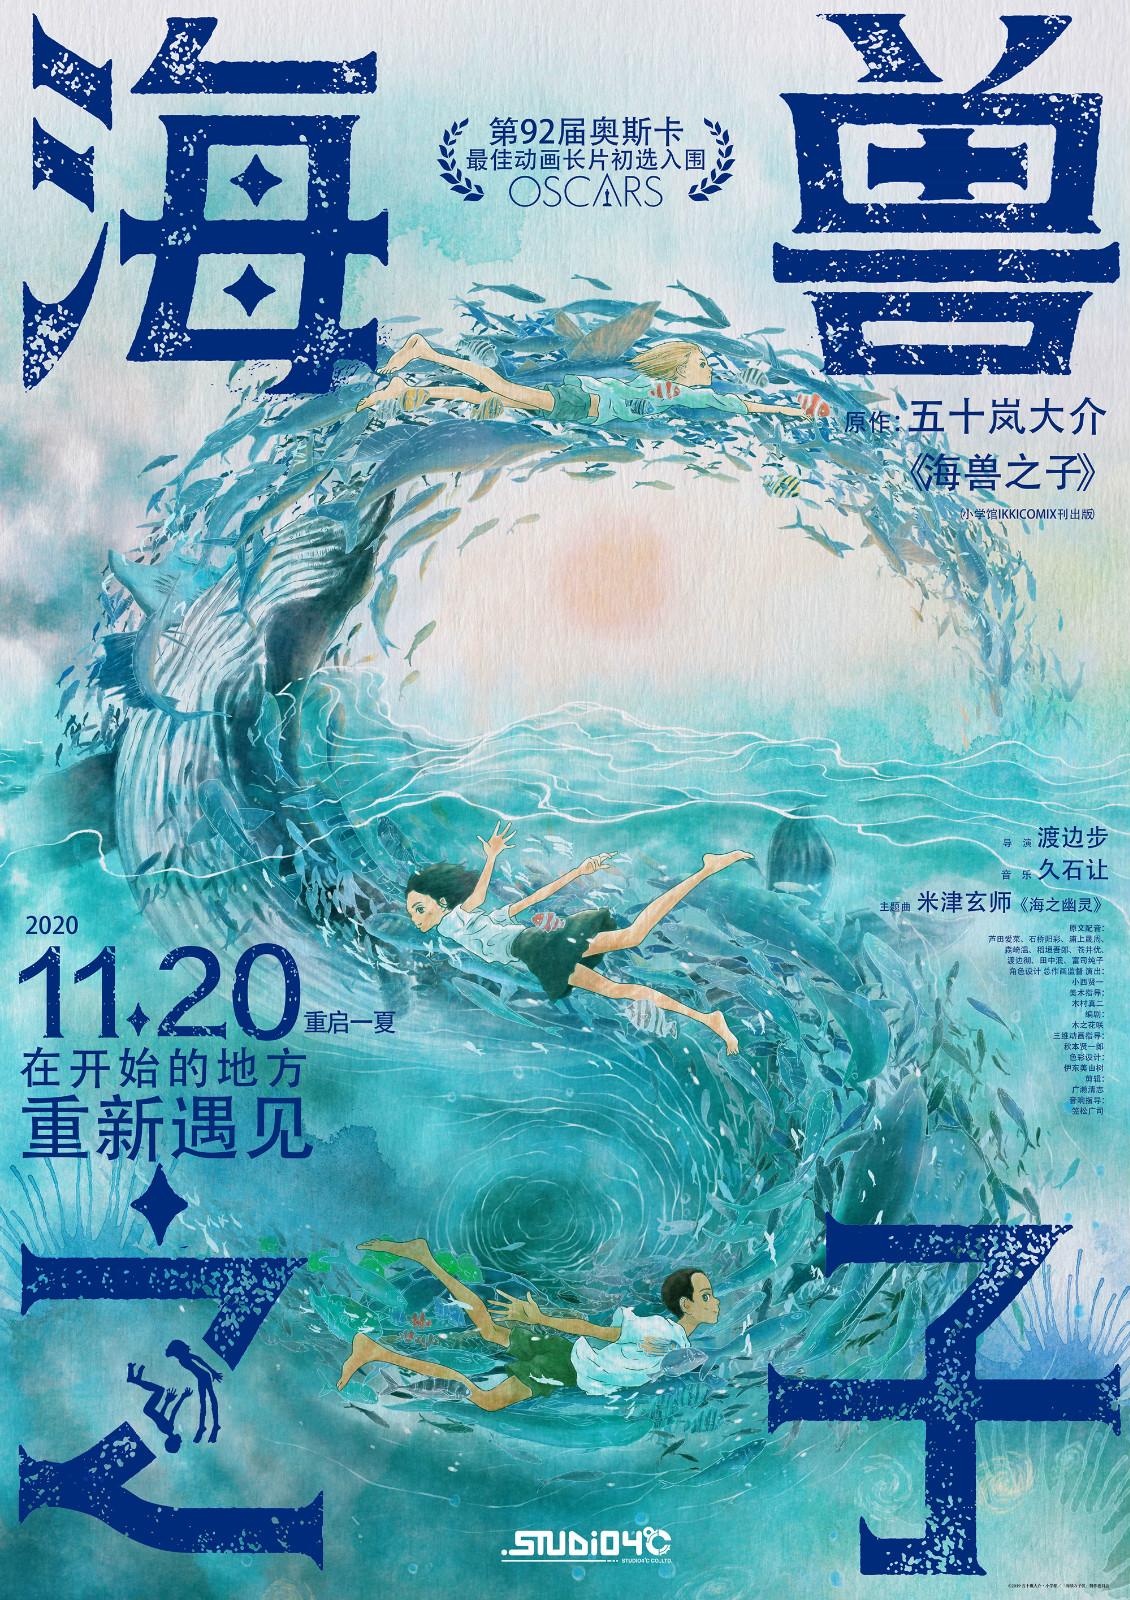 《海兽之子》官宣11月20日上映 设计师黄海设计的中国区海报 浪漫无限